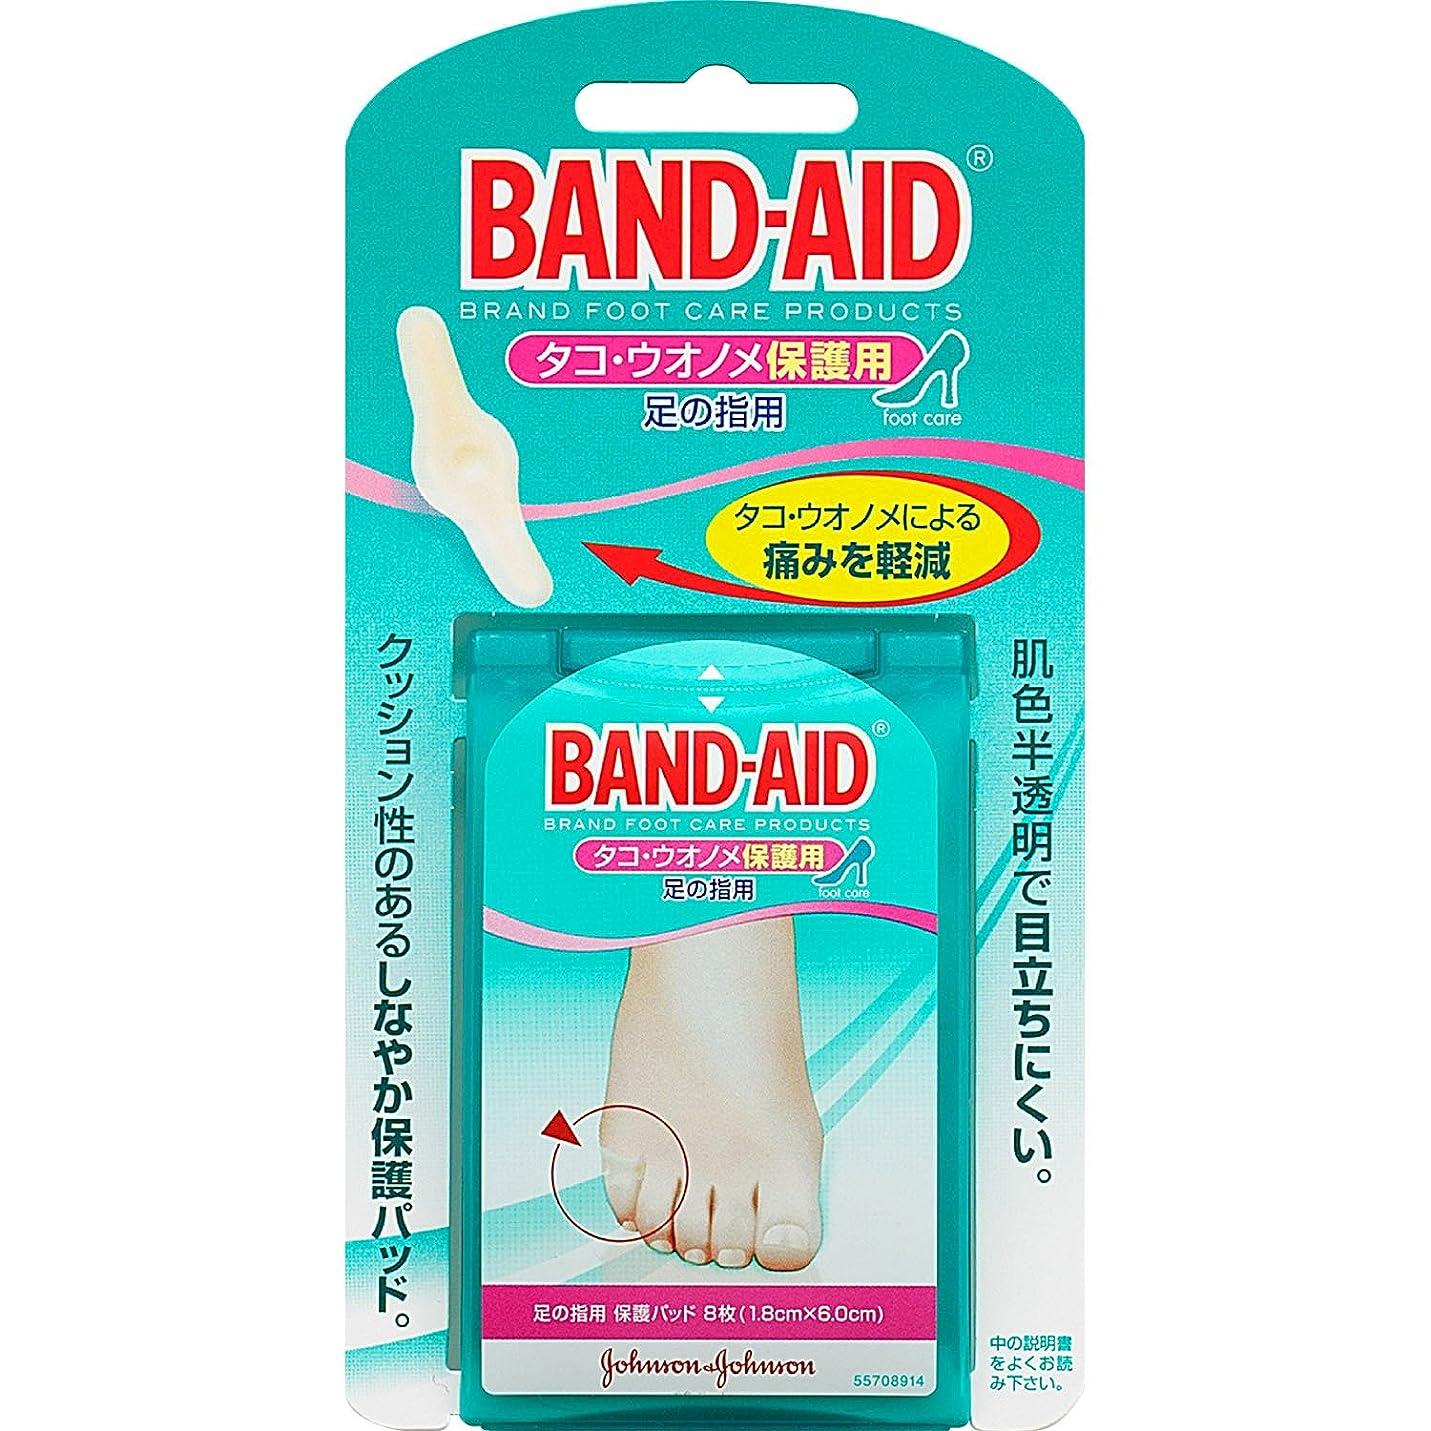 顎テストメンターBAND-AID(バンドエイド) タコ?ウオノメ保護用 足の指用 8枚